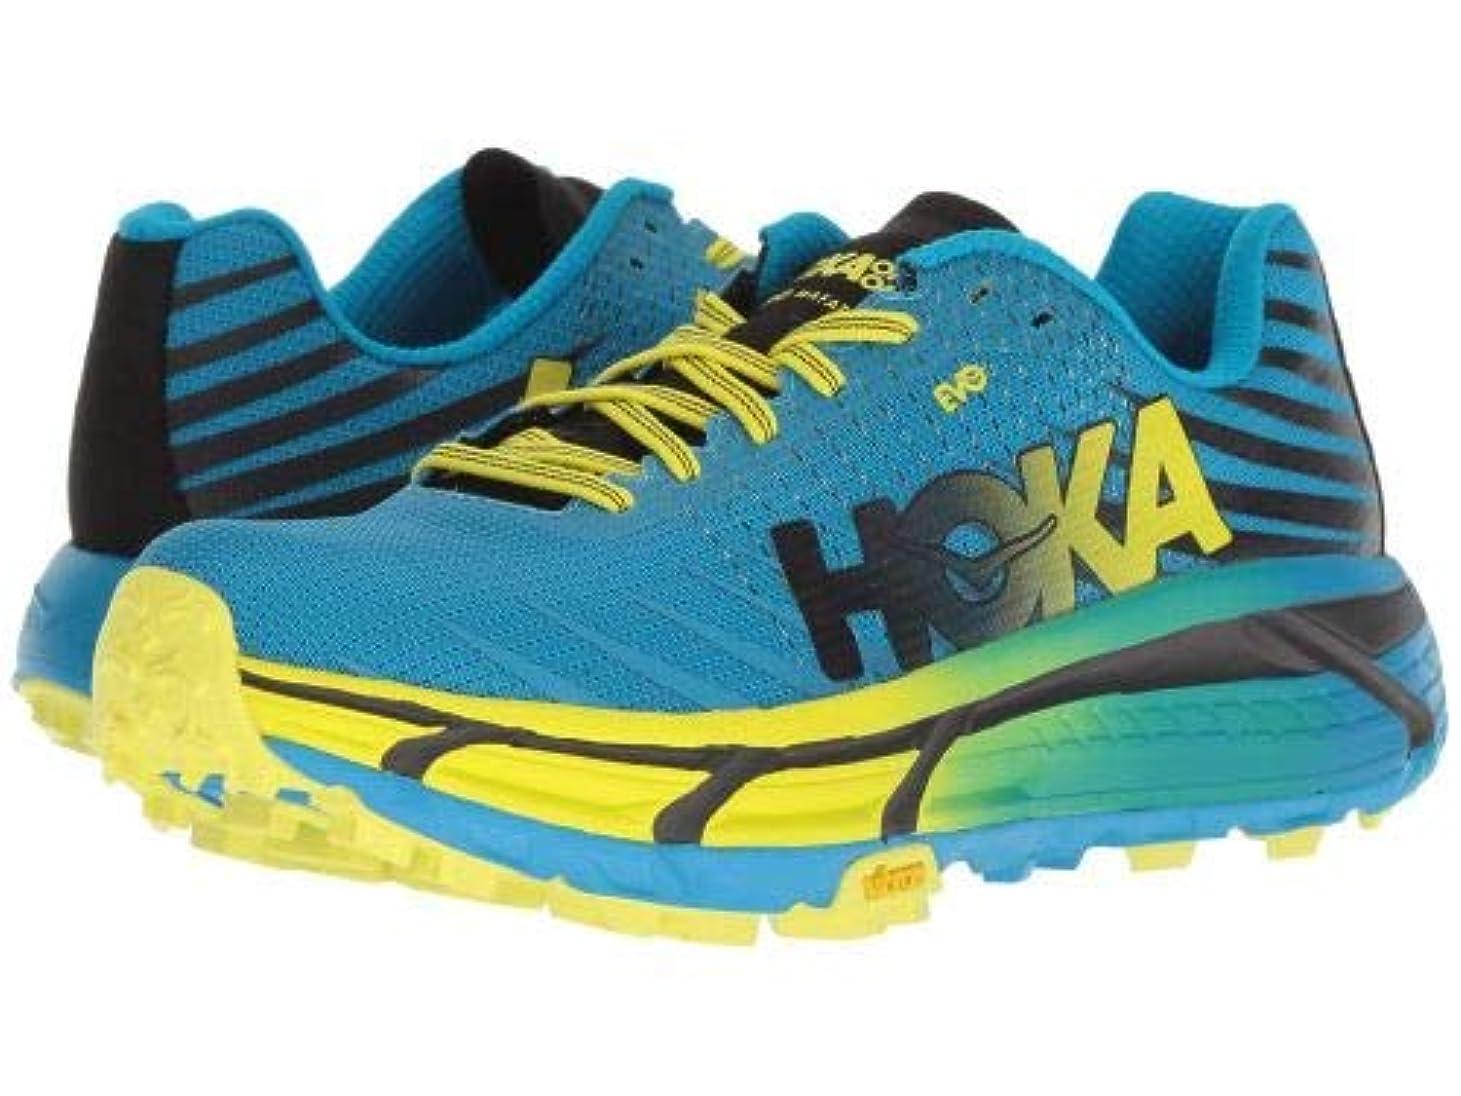 専門化するシネマ池Hoka One One(ホカオネオネ) レディース 女性用 シューズ 靴 スニーカー 運動靴 Evo Mafate - Cyan/Citrus [並行輸入品]